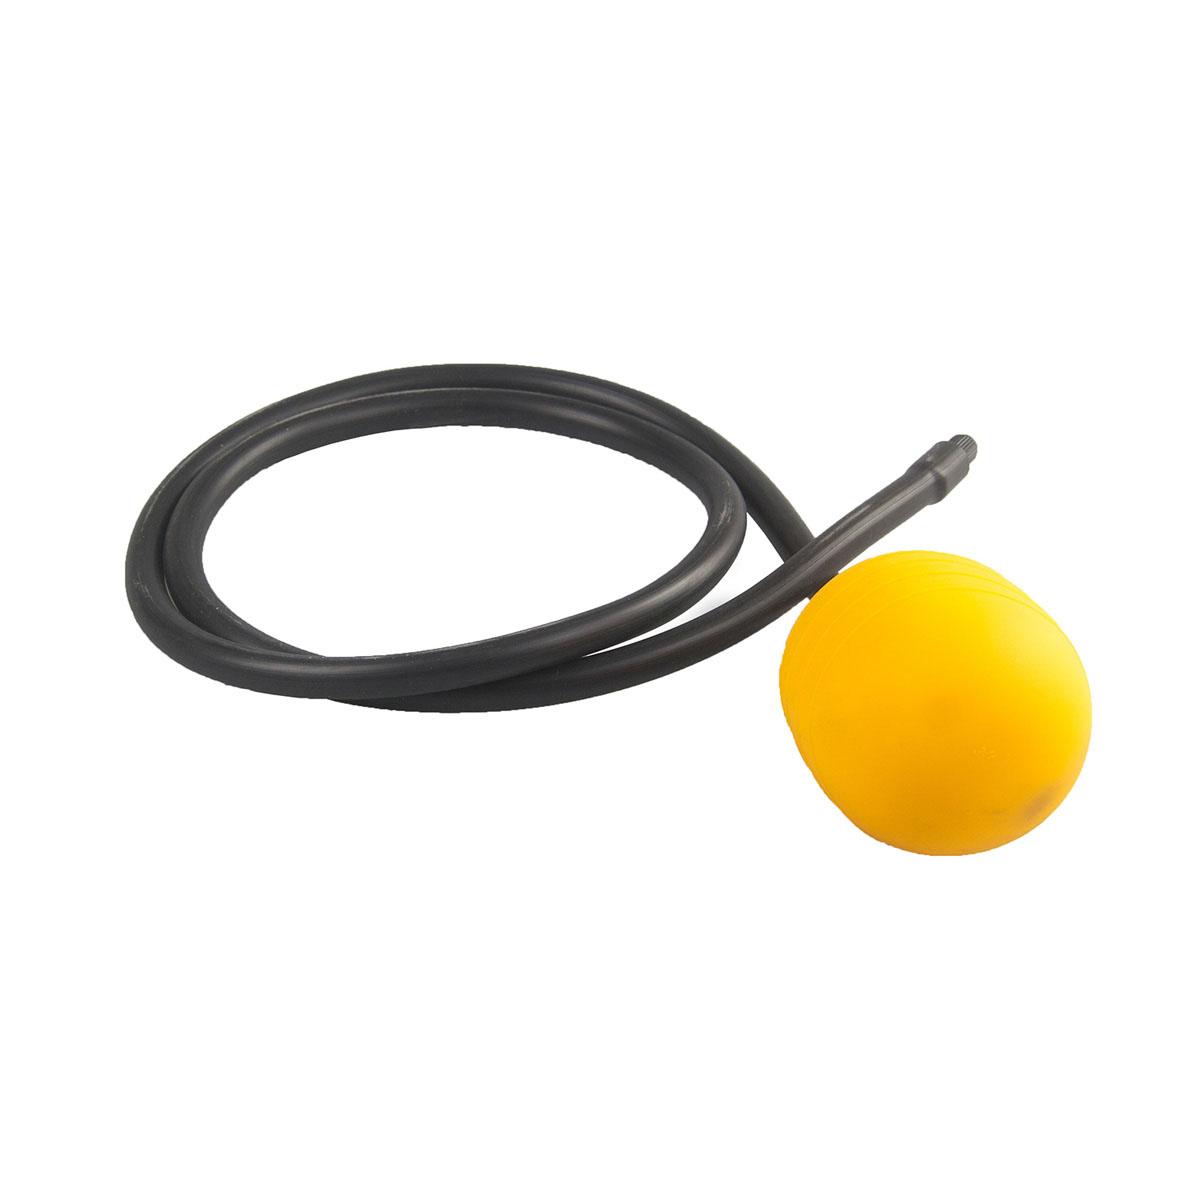 Rohrverschluss, gelb, 48 - 72 mm, L 1.5 m